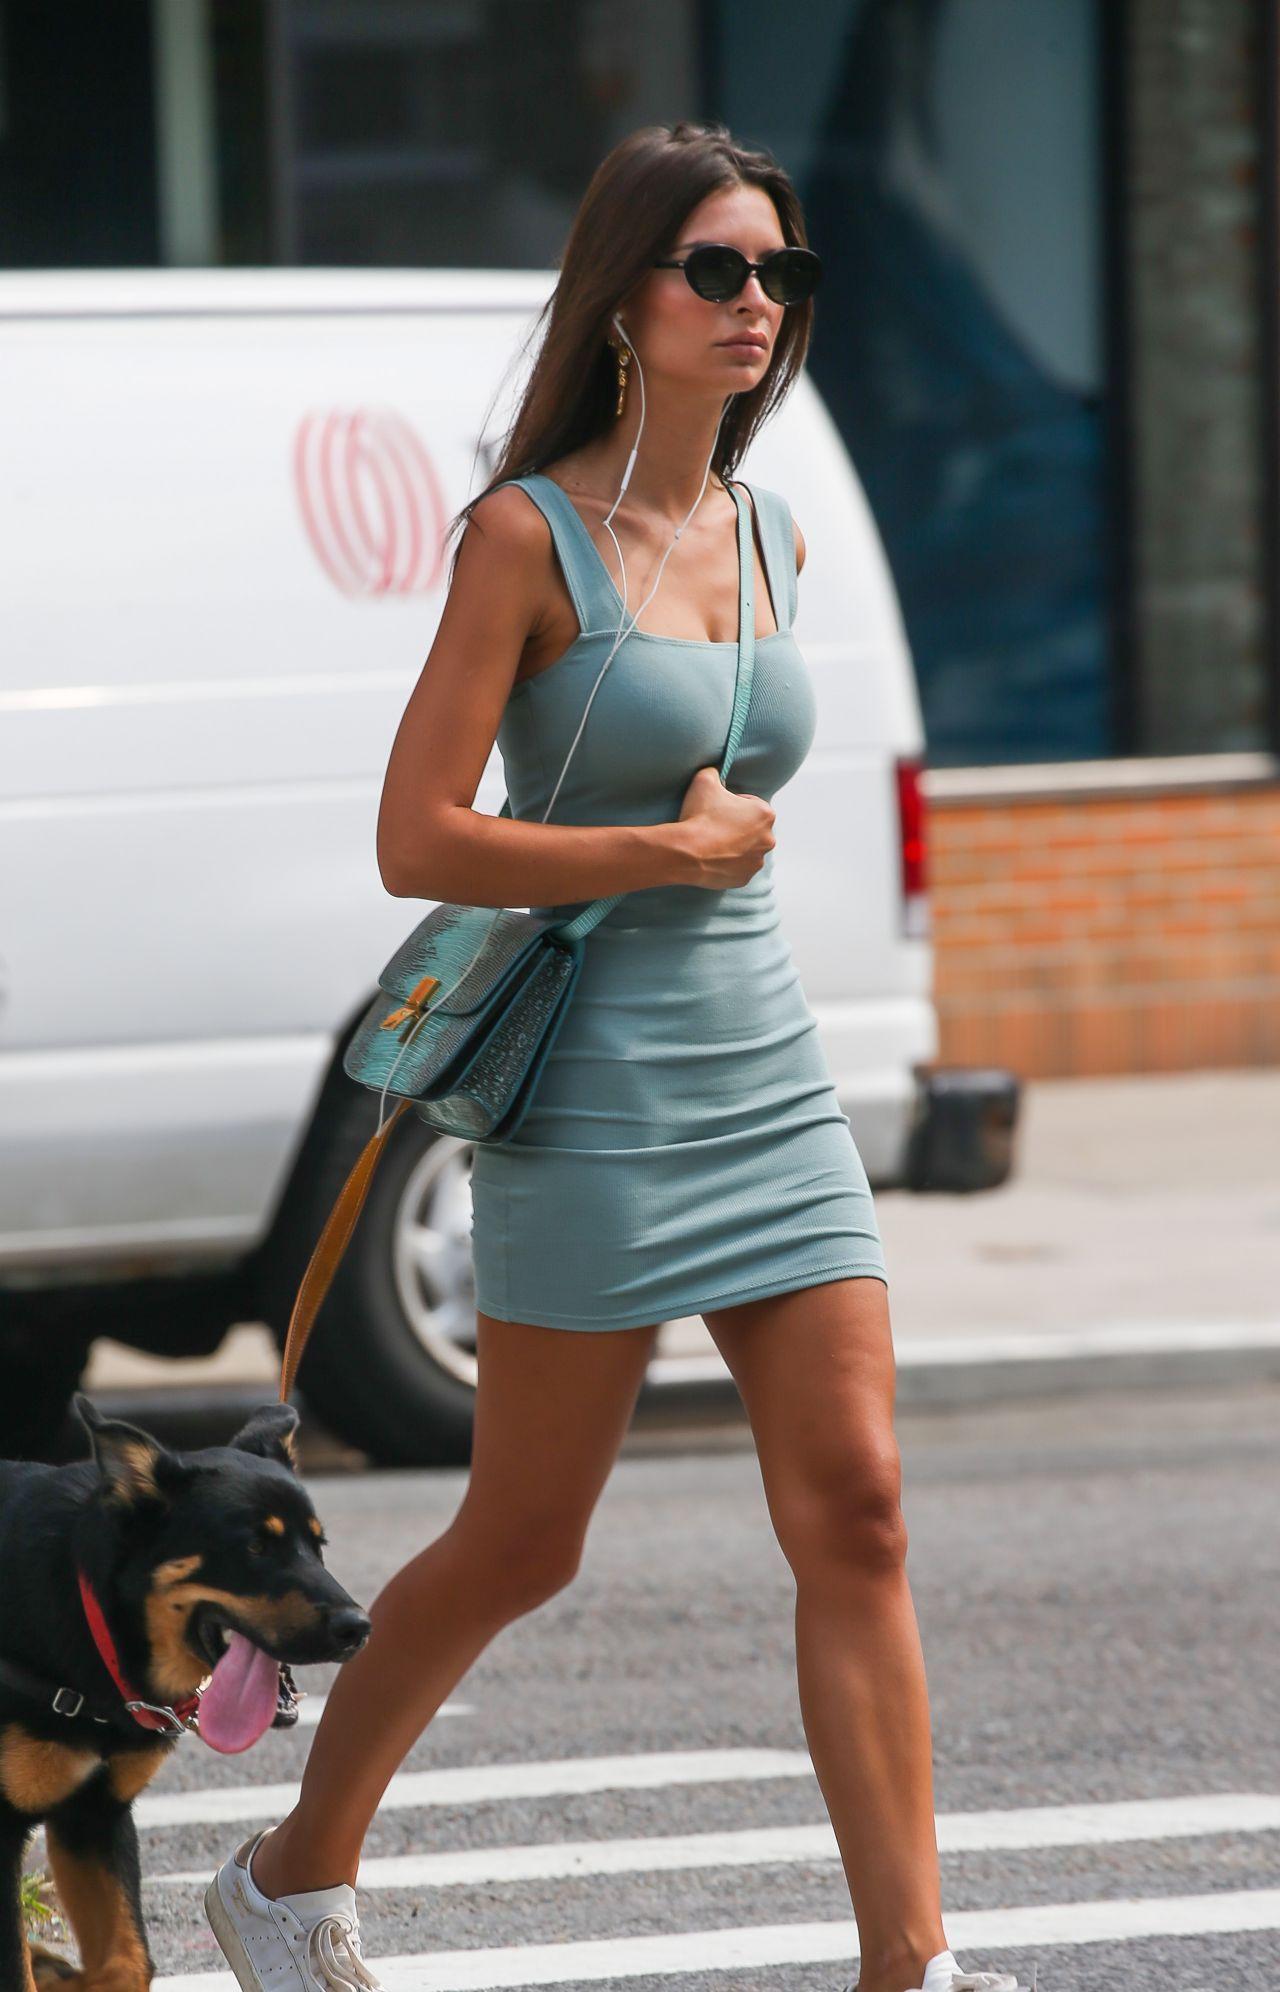 超模艾米丽·拉塔科夫斯基休闲短裙纽约街头边走边遛狗